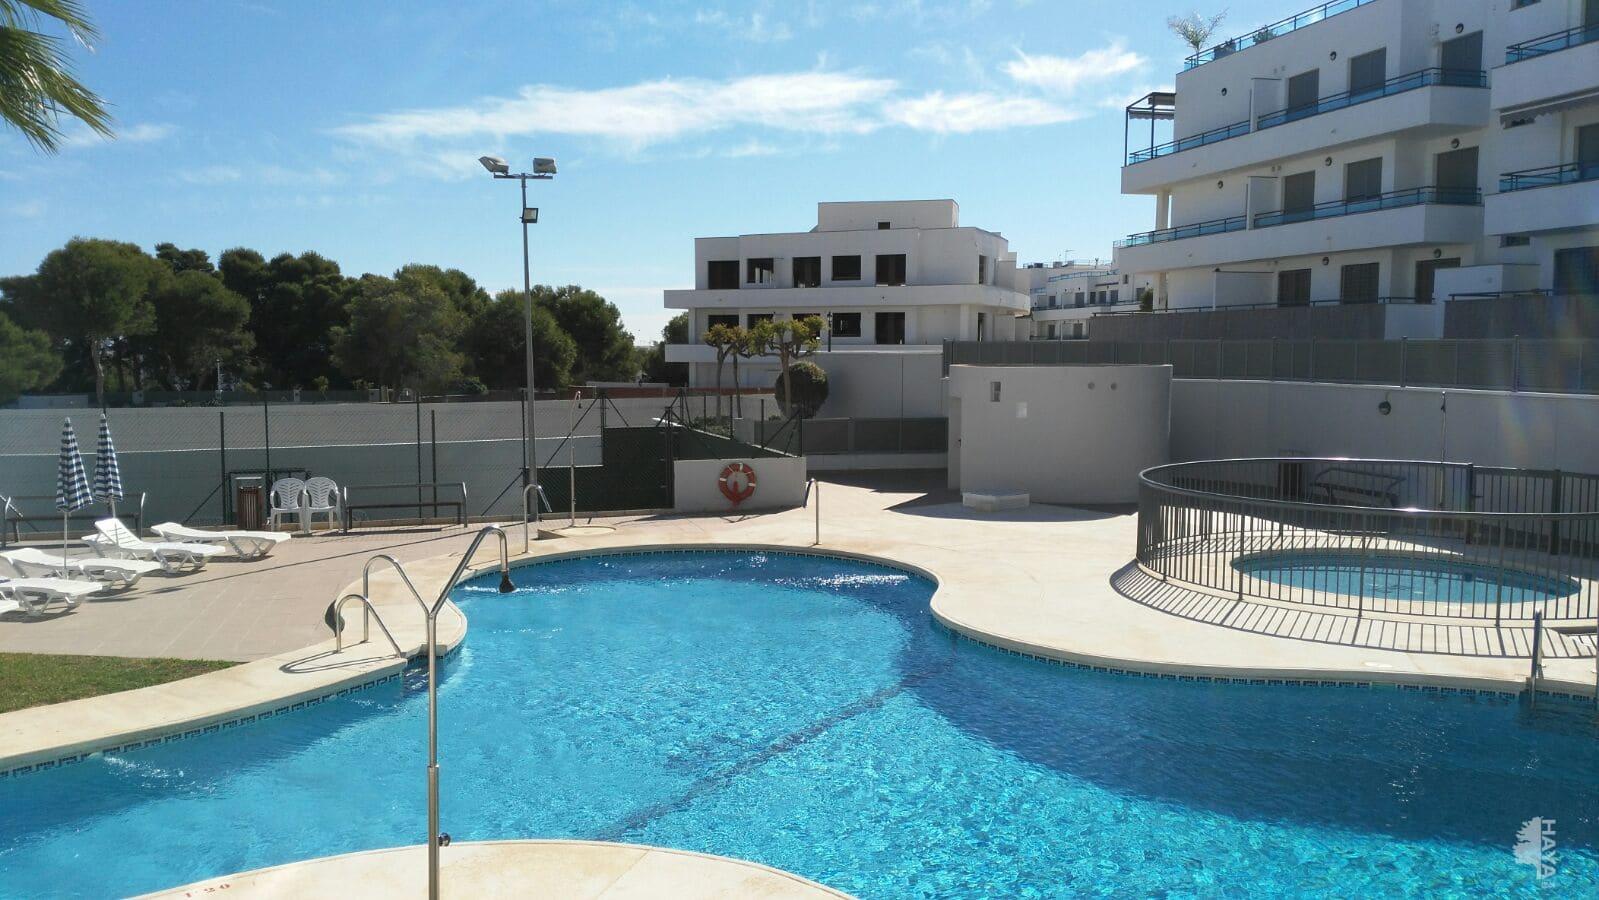 Piso en venta en Garrucha, Garrucha, Almería, Calle Murillo, 91.100 €, 2 habitaciones, 2 baños, 72 m2